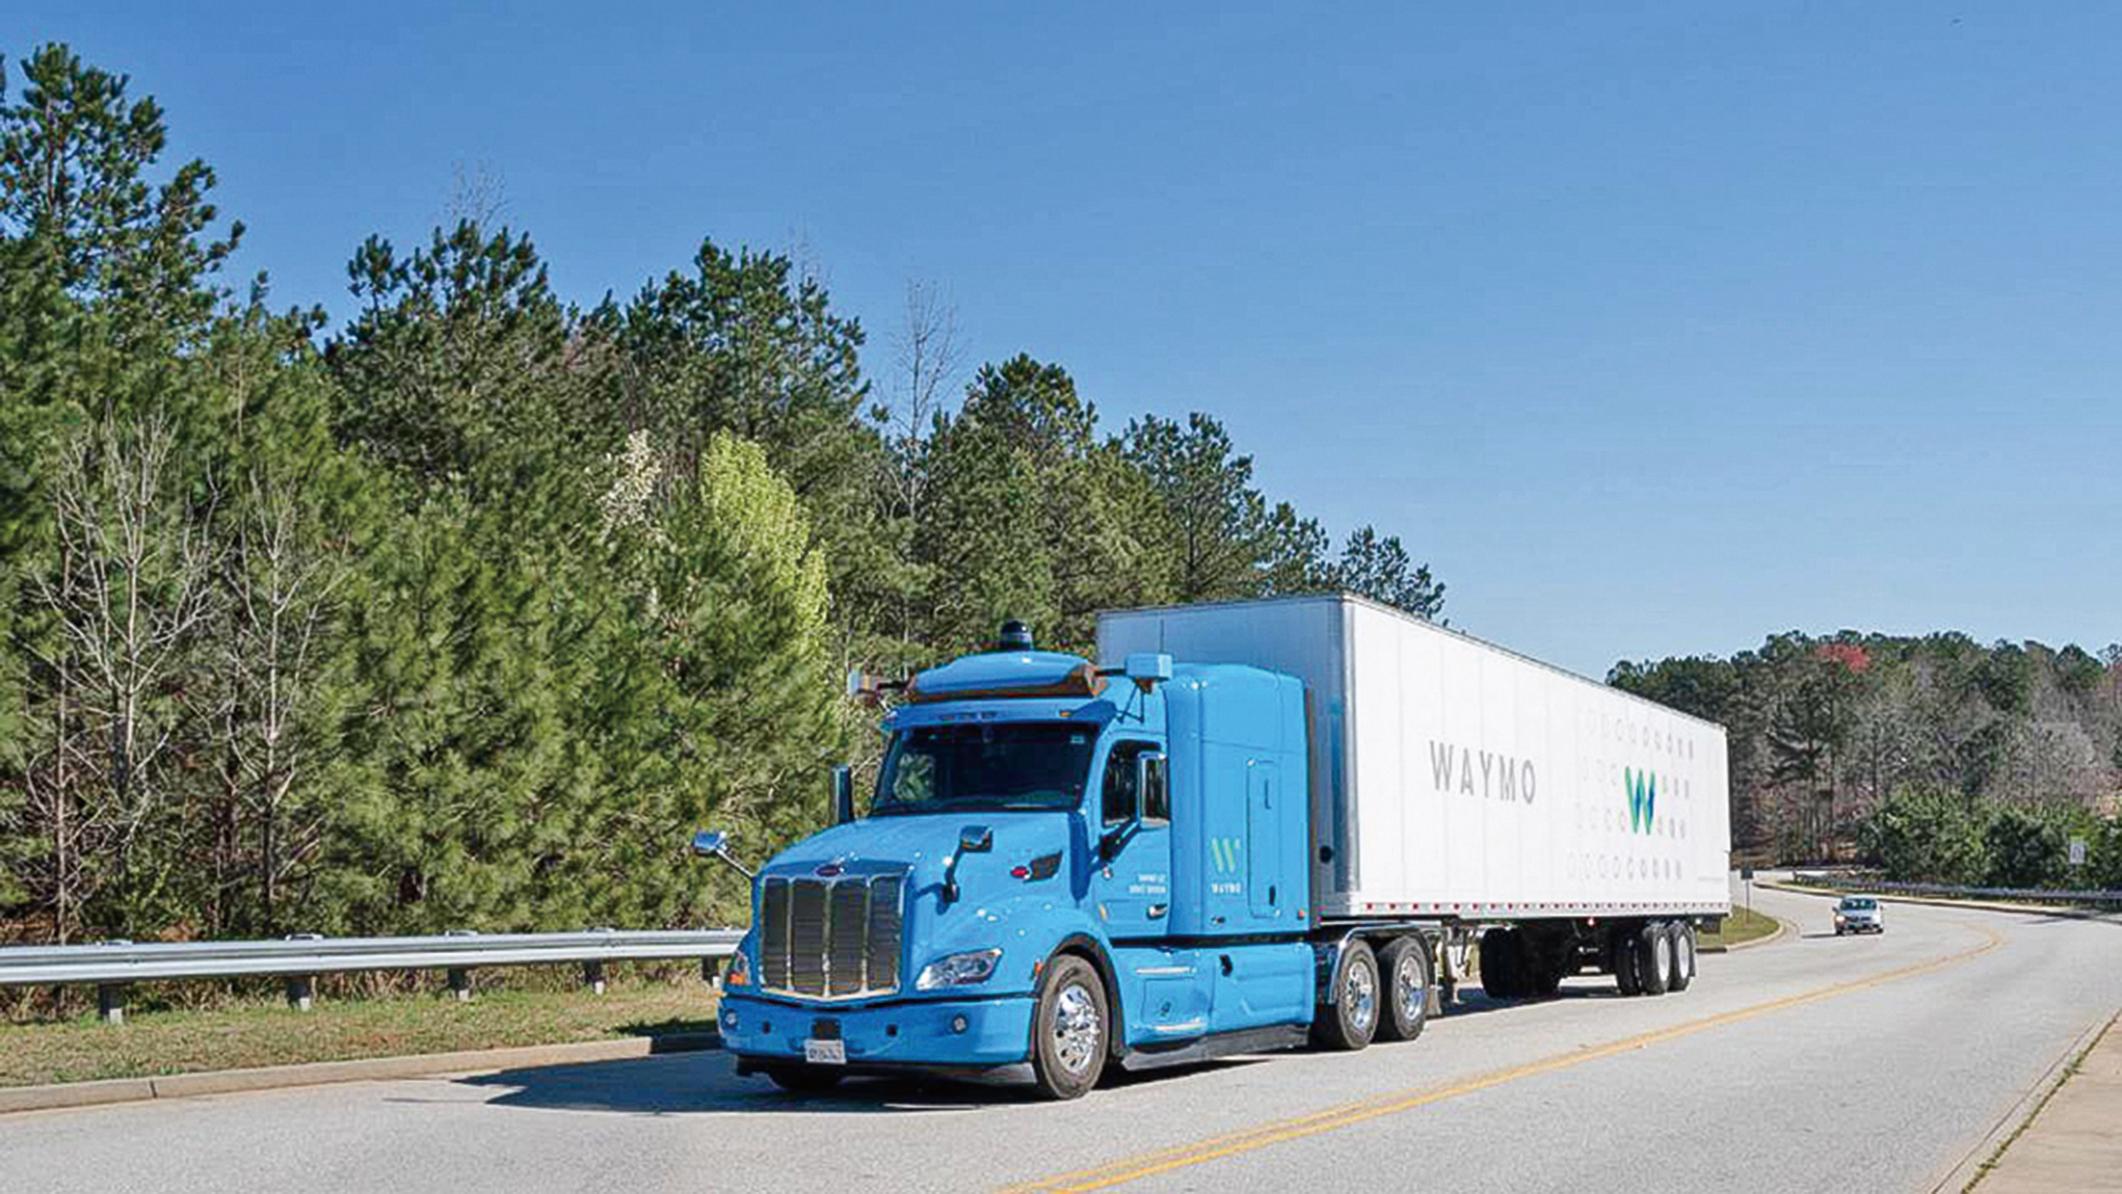 uWaymo的自動駕駛卡車,已經在美國多個州的公路上實際測試運貨。(Waymo)